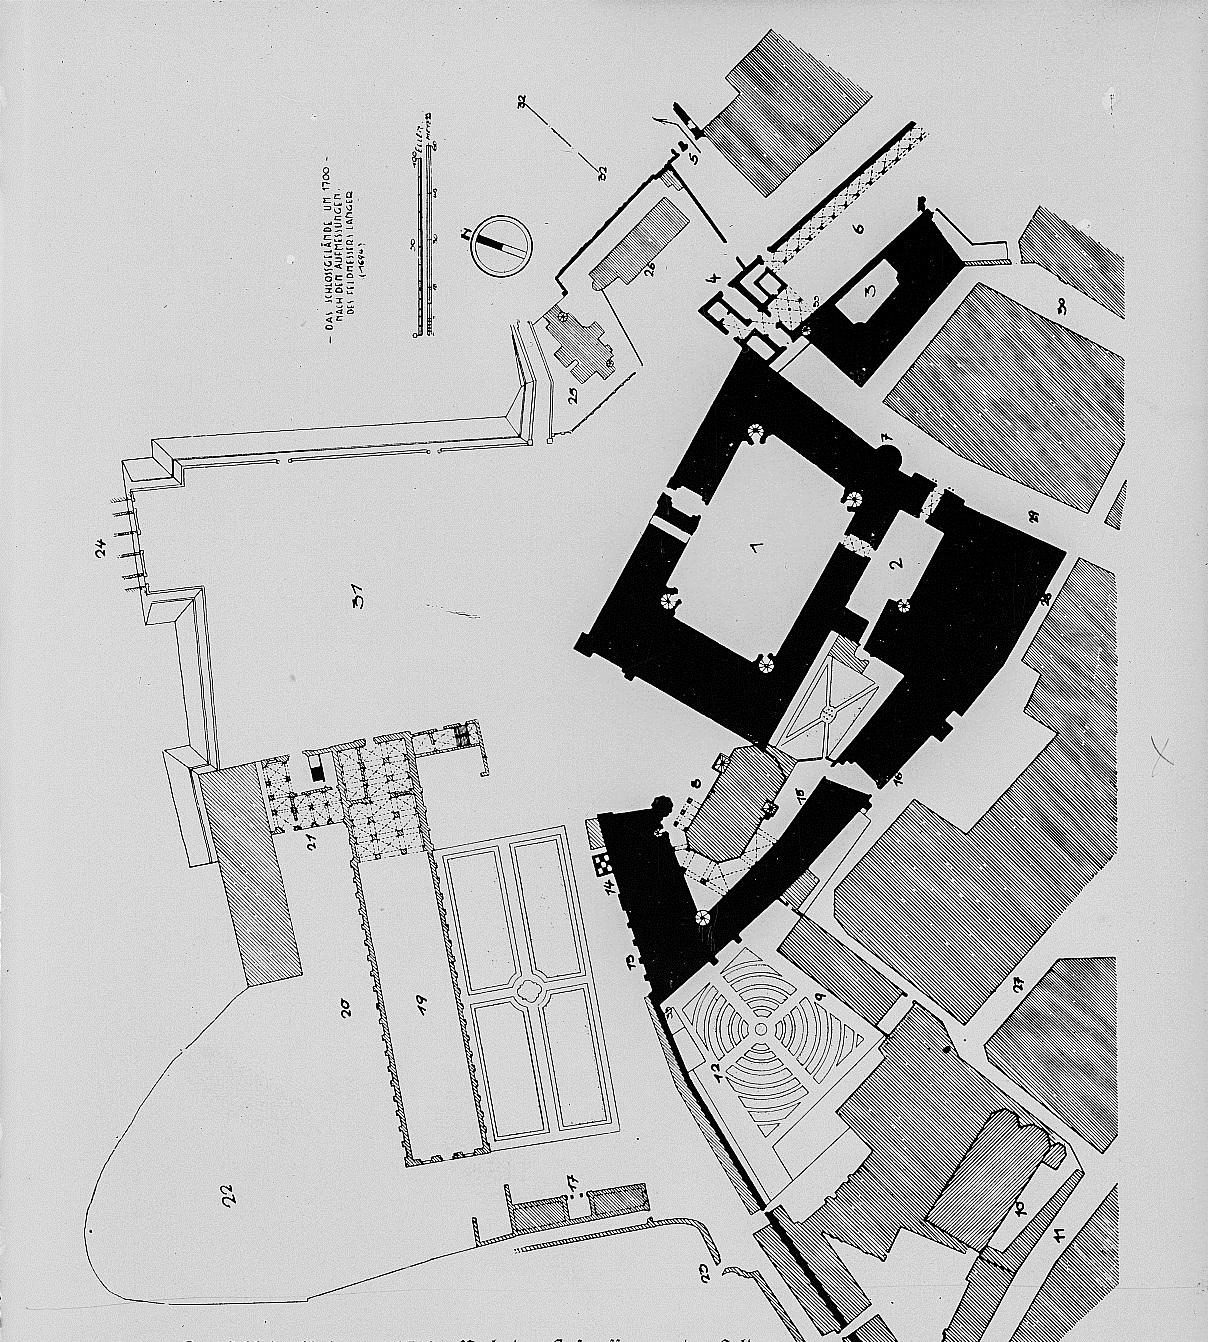 Das westliche Schlossareal mit Zwingerbereich um 1700